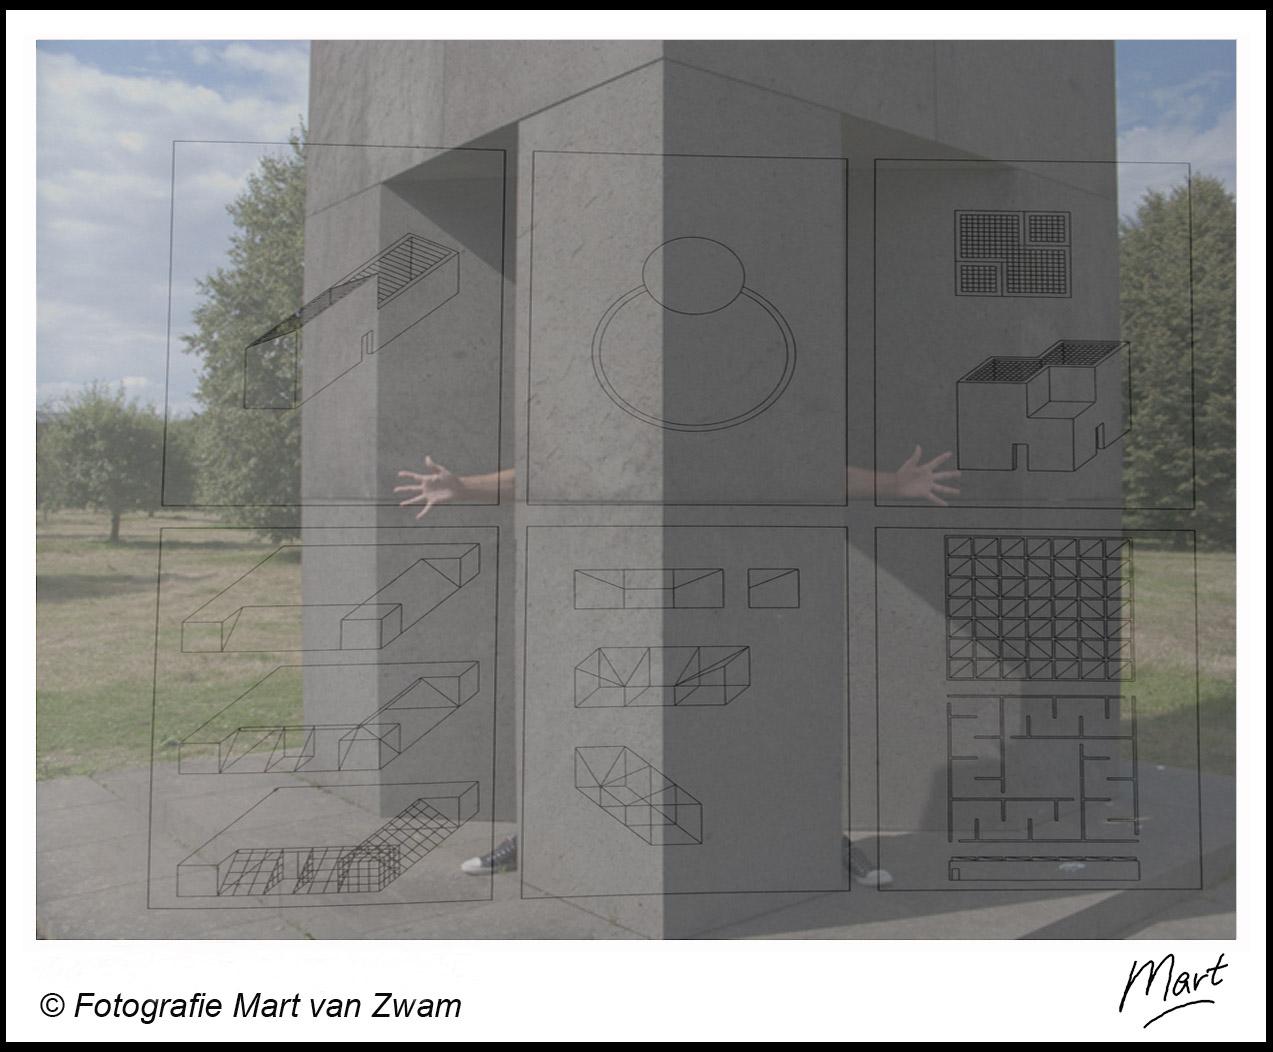 Mart van Zwam